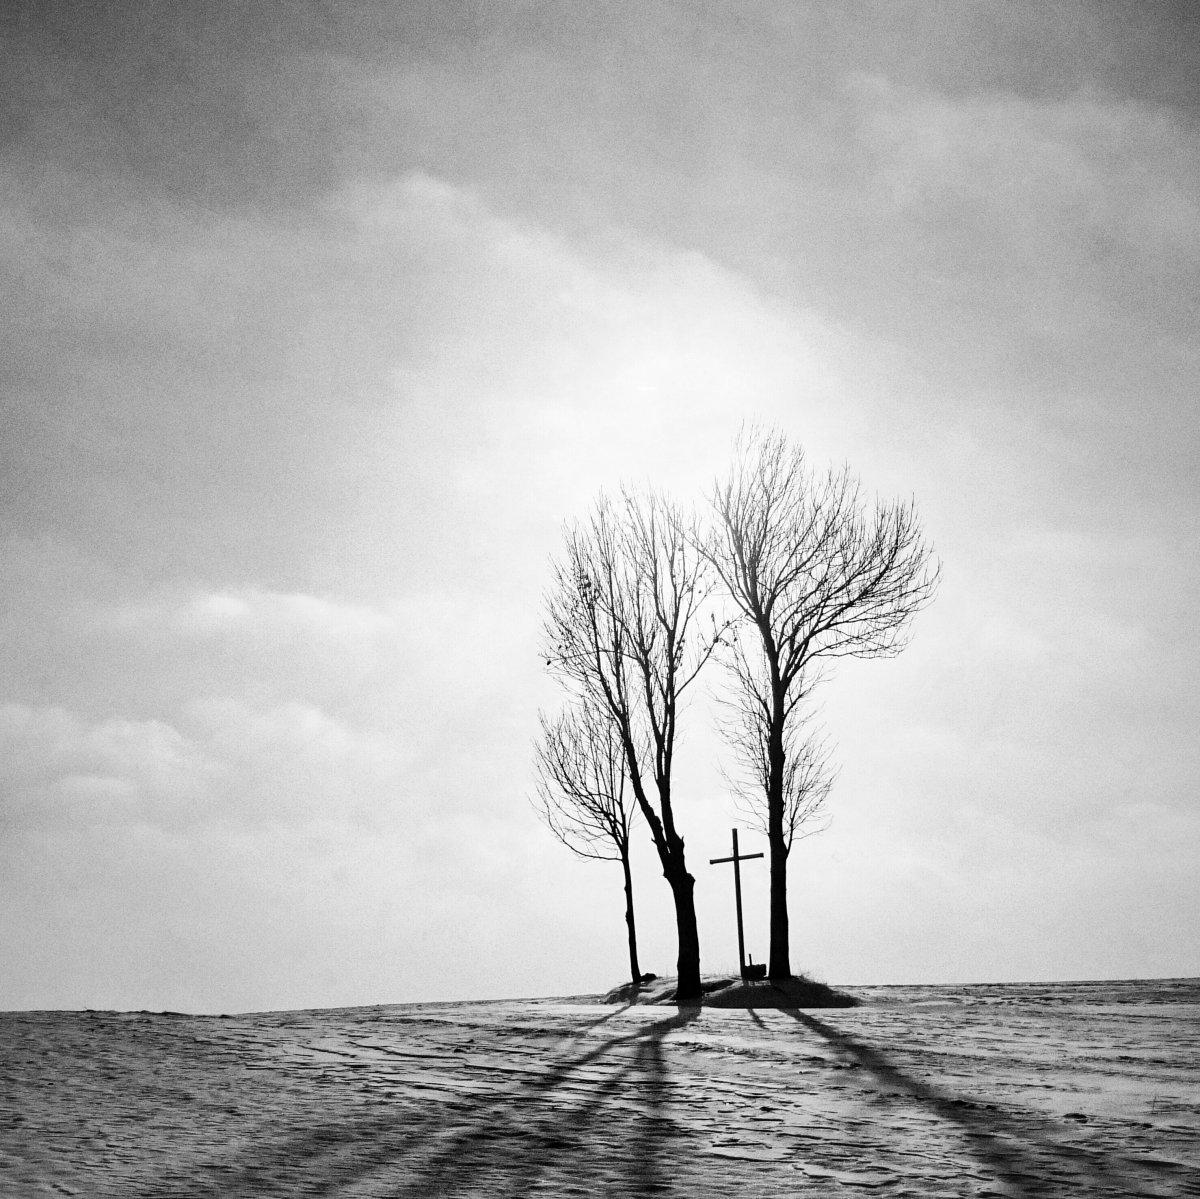 polands-ryszard-kazimierczak-creates-an-eerie-silhouette